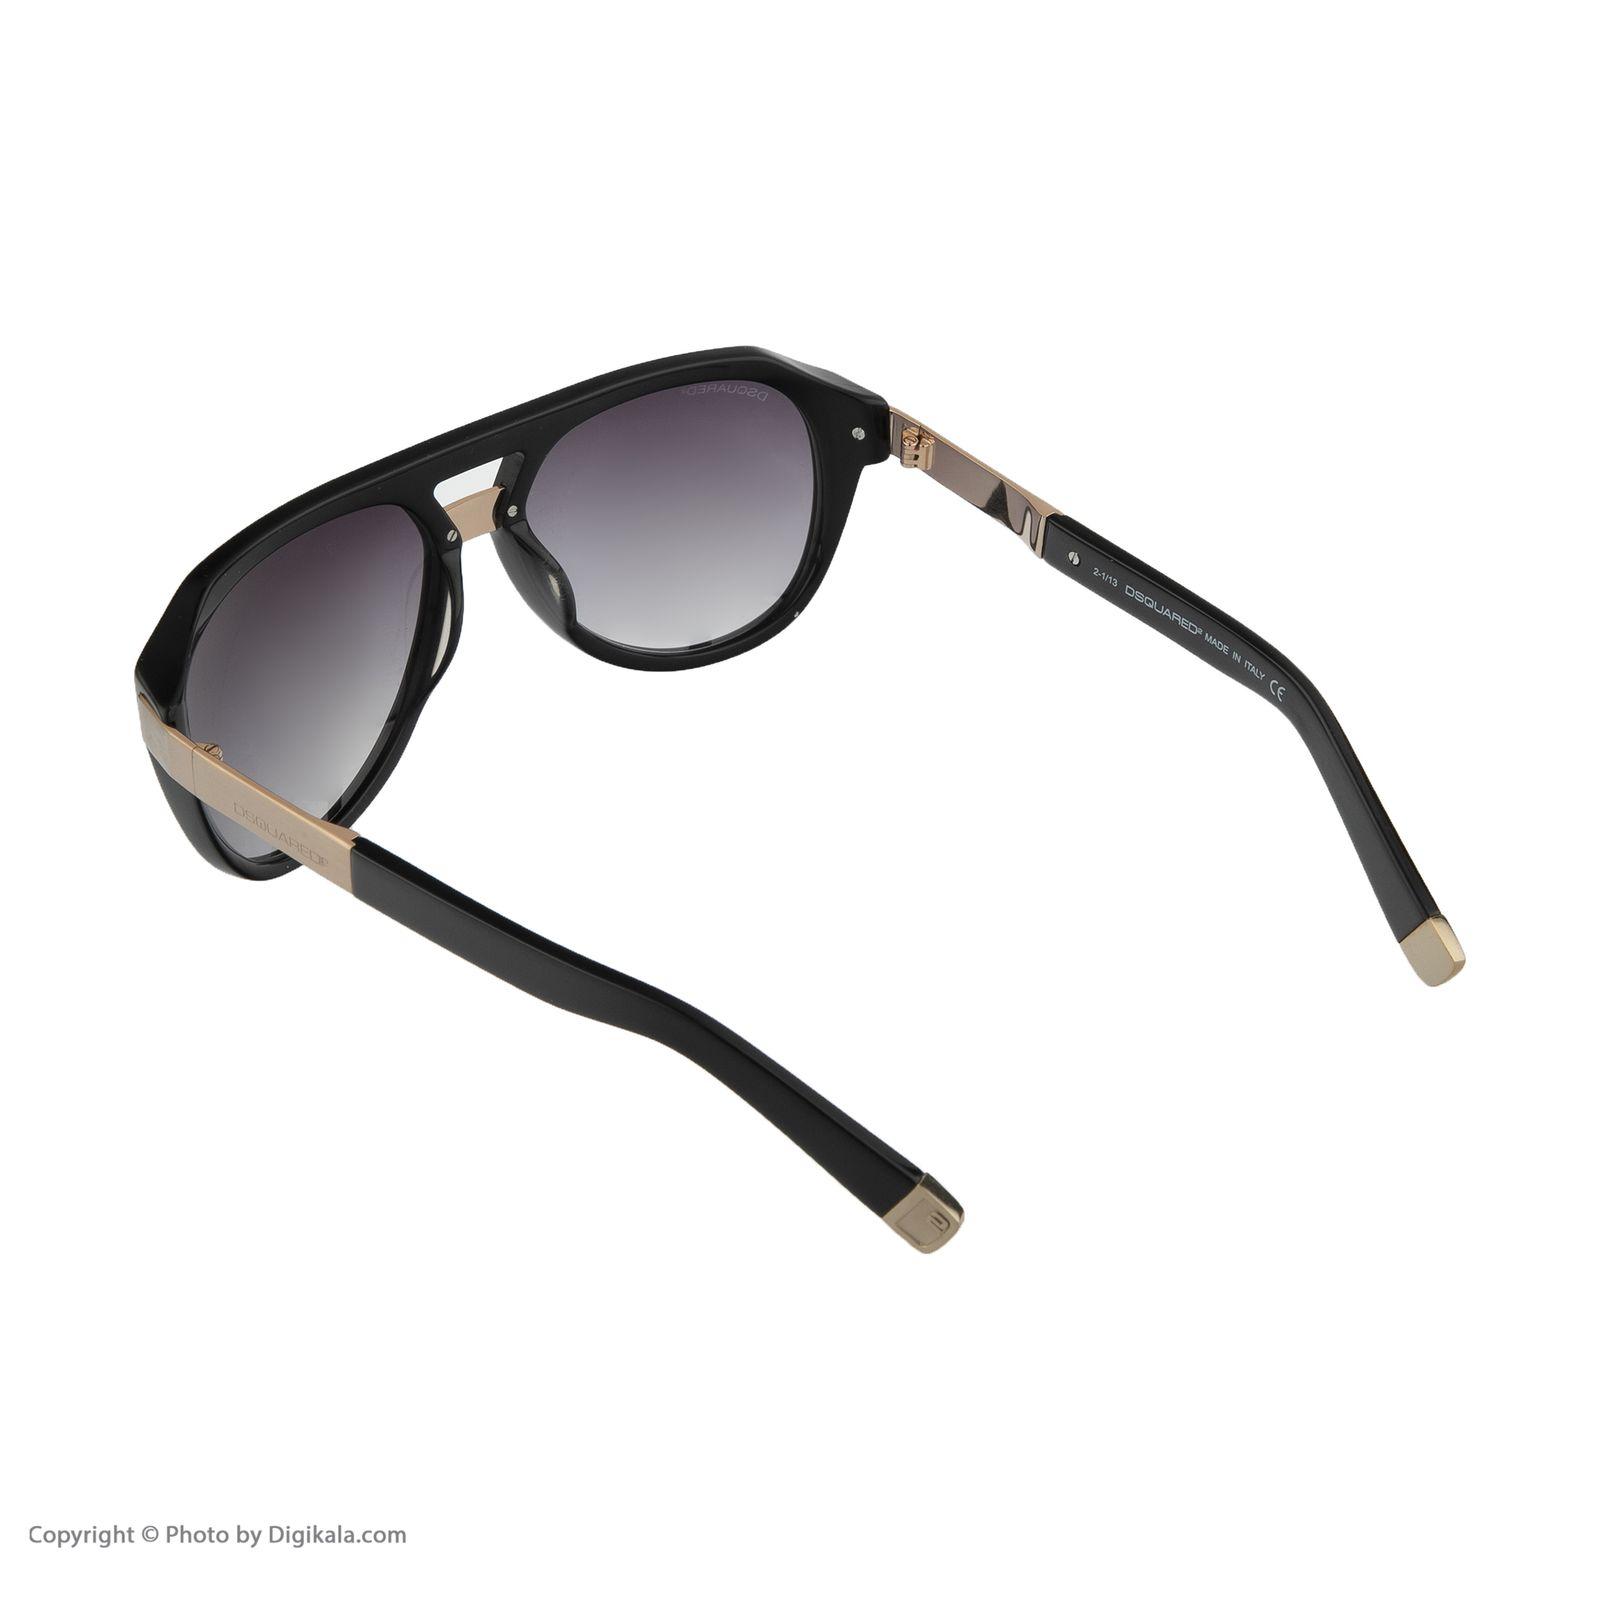 عینک آفتابی  دیسکوارد مدل 0027 -  - 5